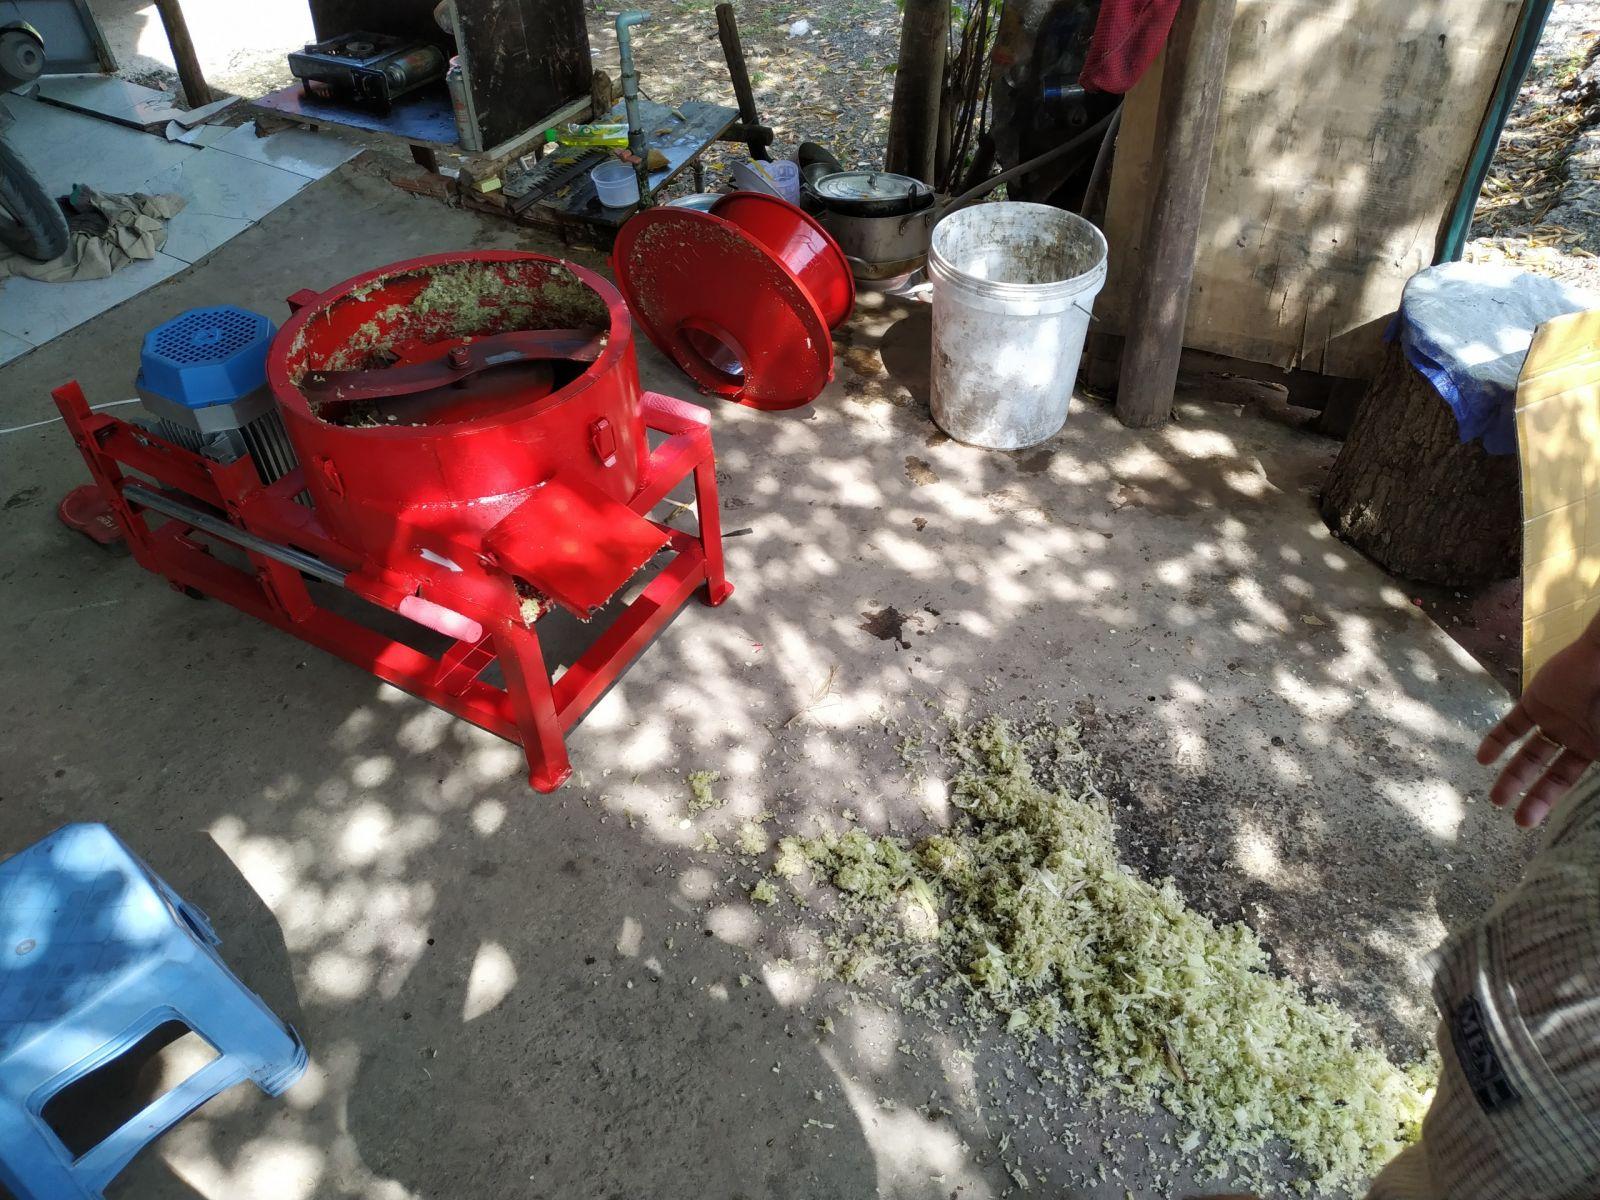 máy băm chuối nhuyễn có tác dụng là nát thức ăn, nhuyễn nhỏ cho gà ăn